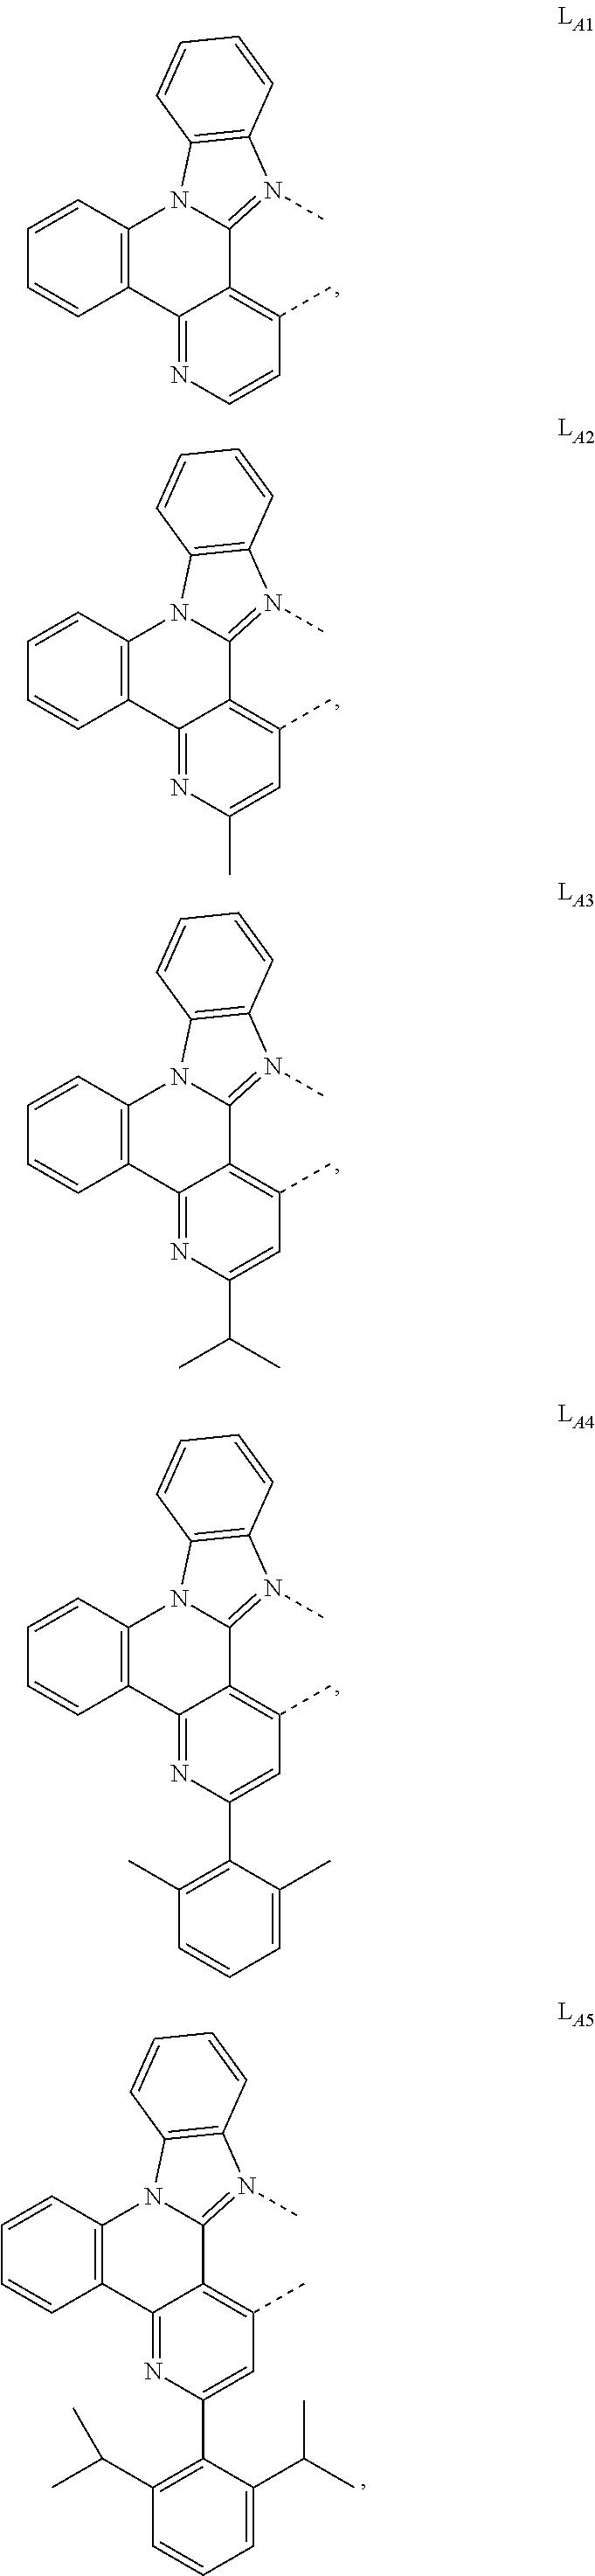 Figure US09905785-20180227-C00424